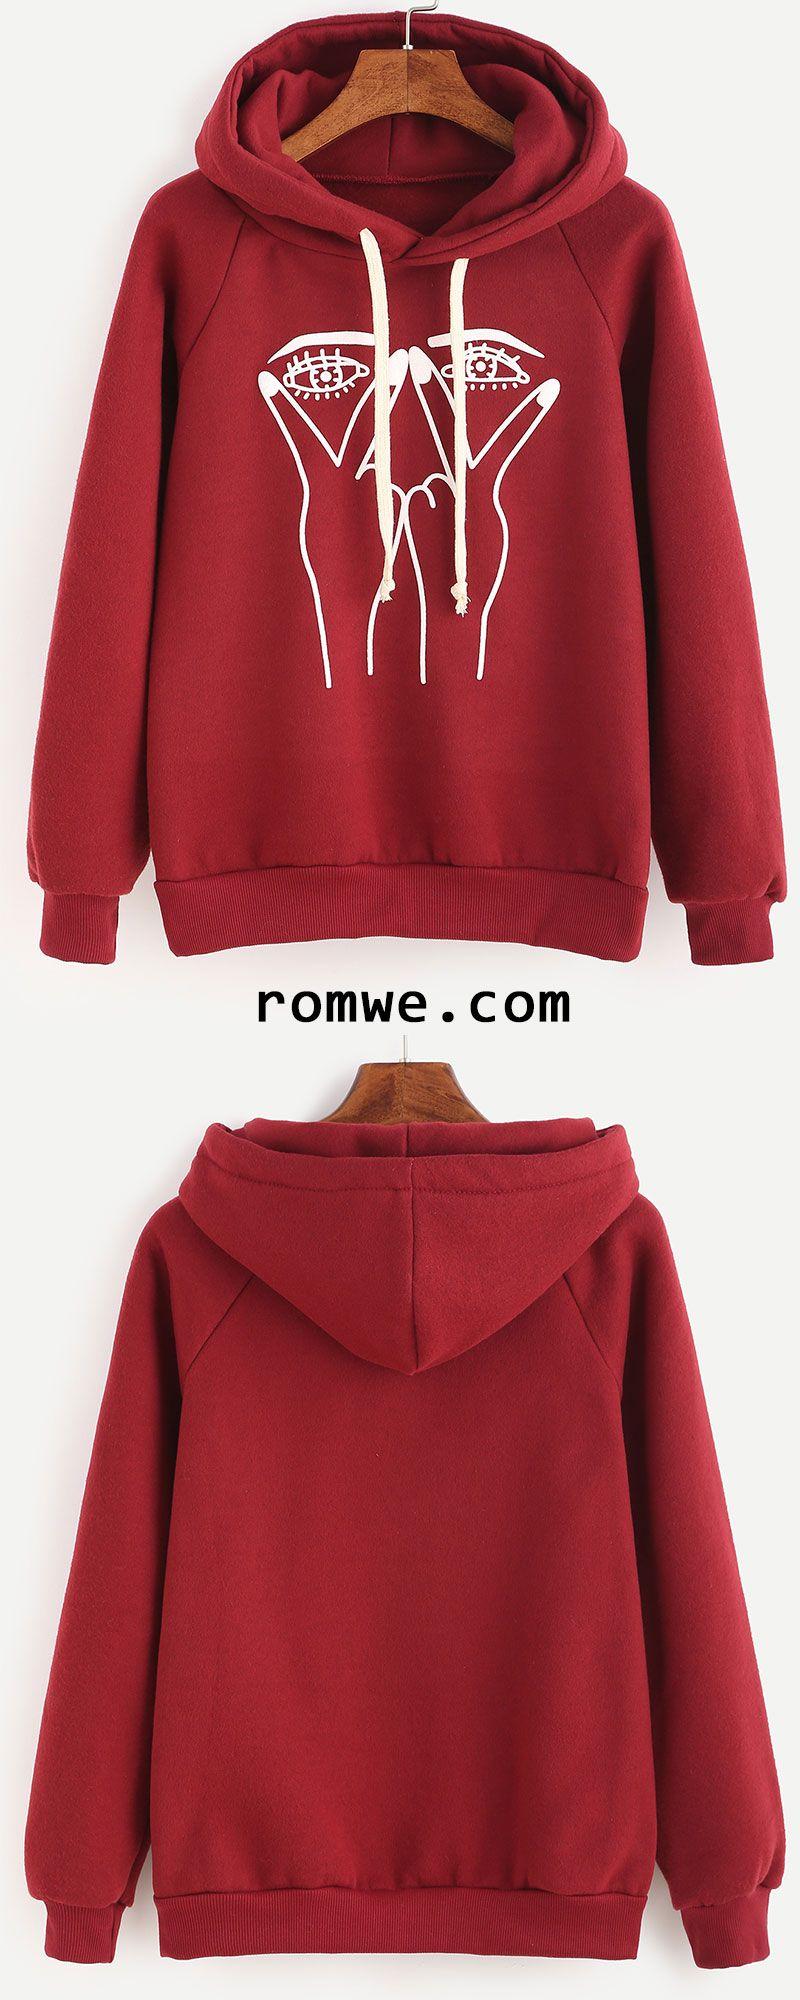 Burgundy Gesture Print Raglan Sleeve Hooded Sweatshirt